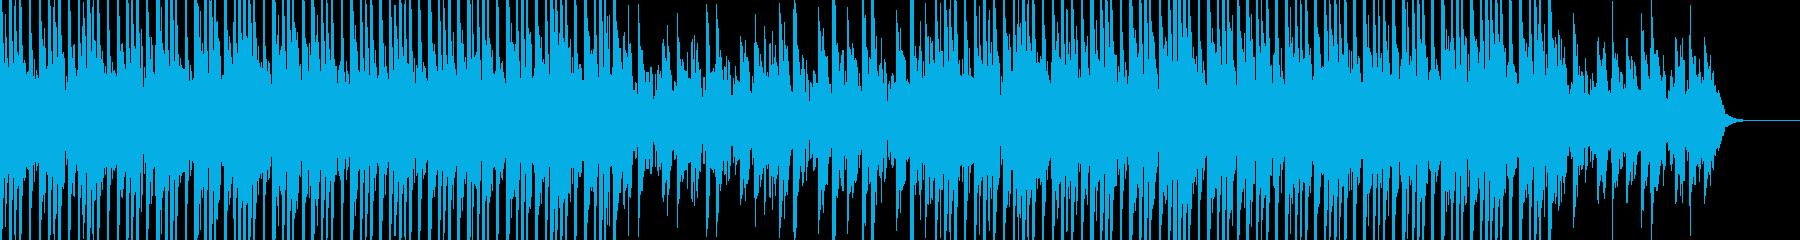 ニュース向け 柔らかなハウスの再生済みの波形